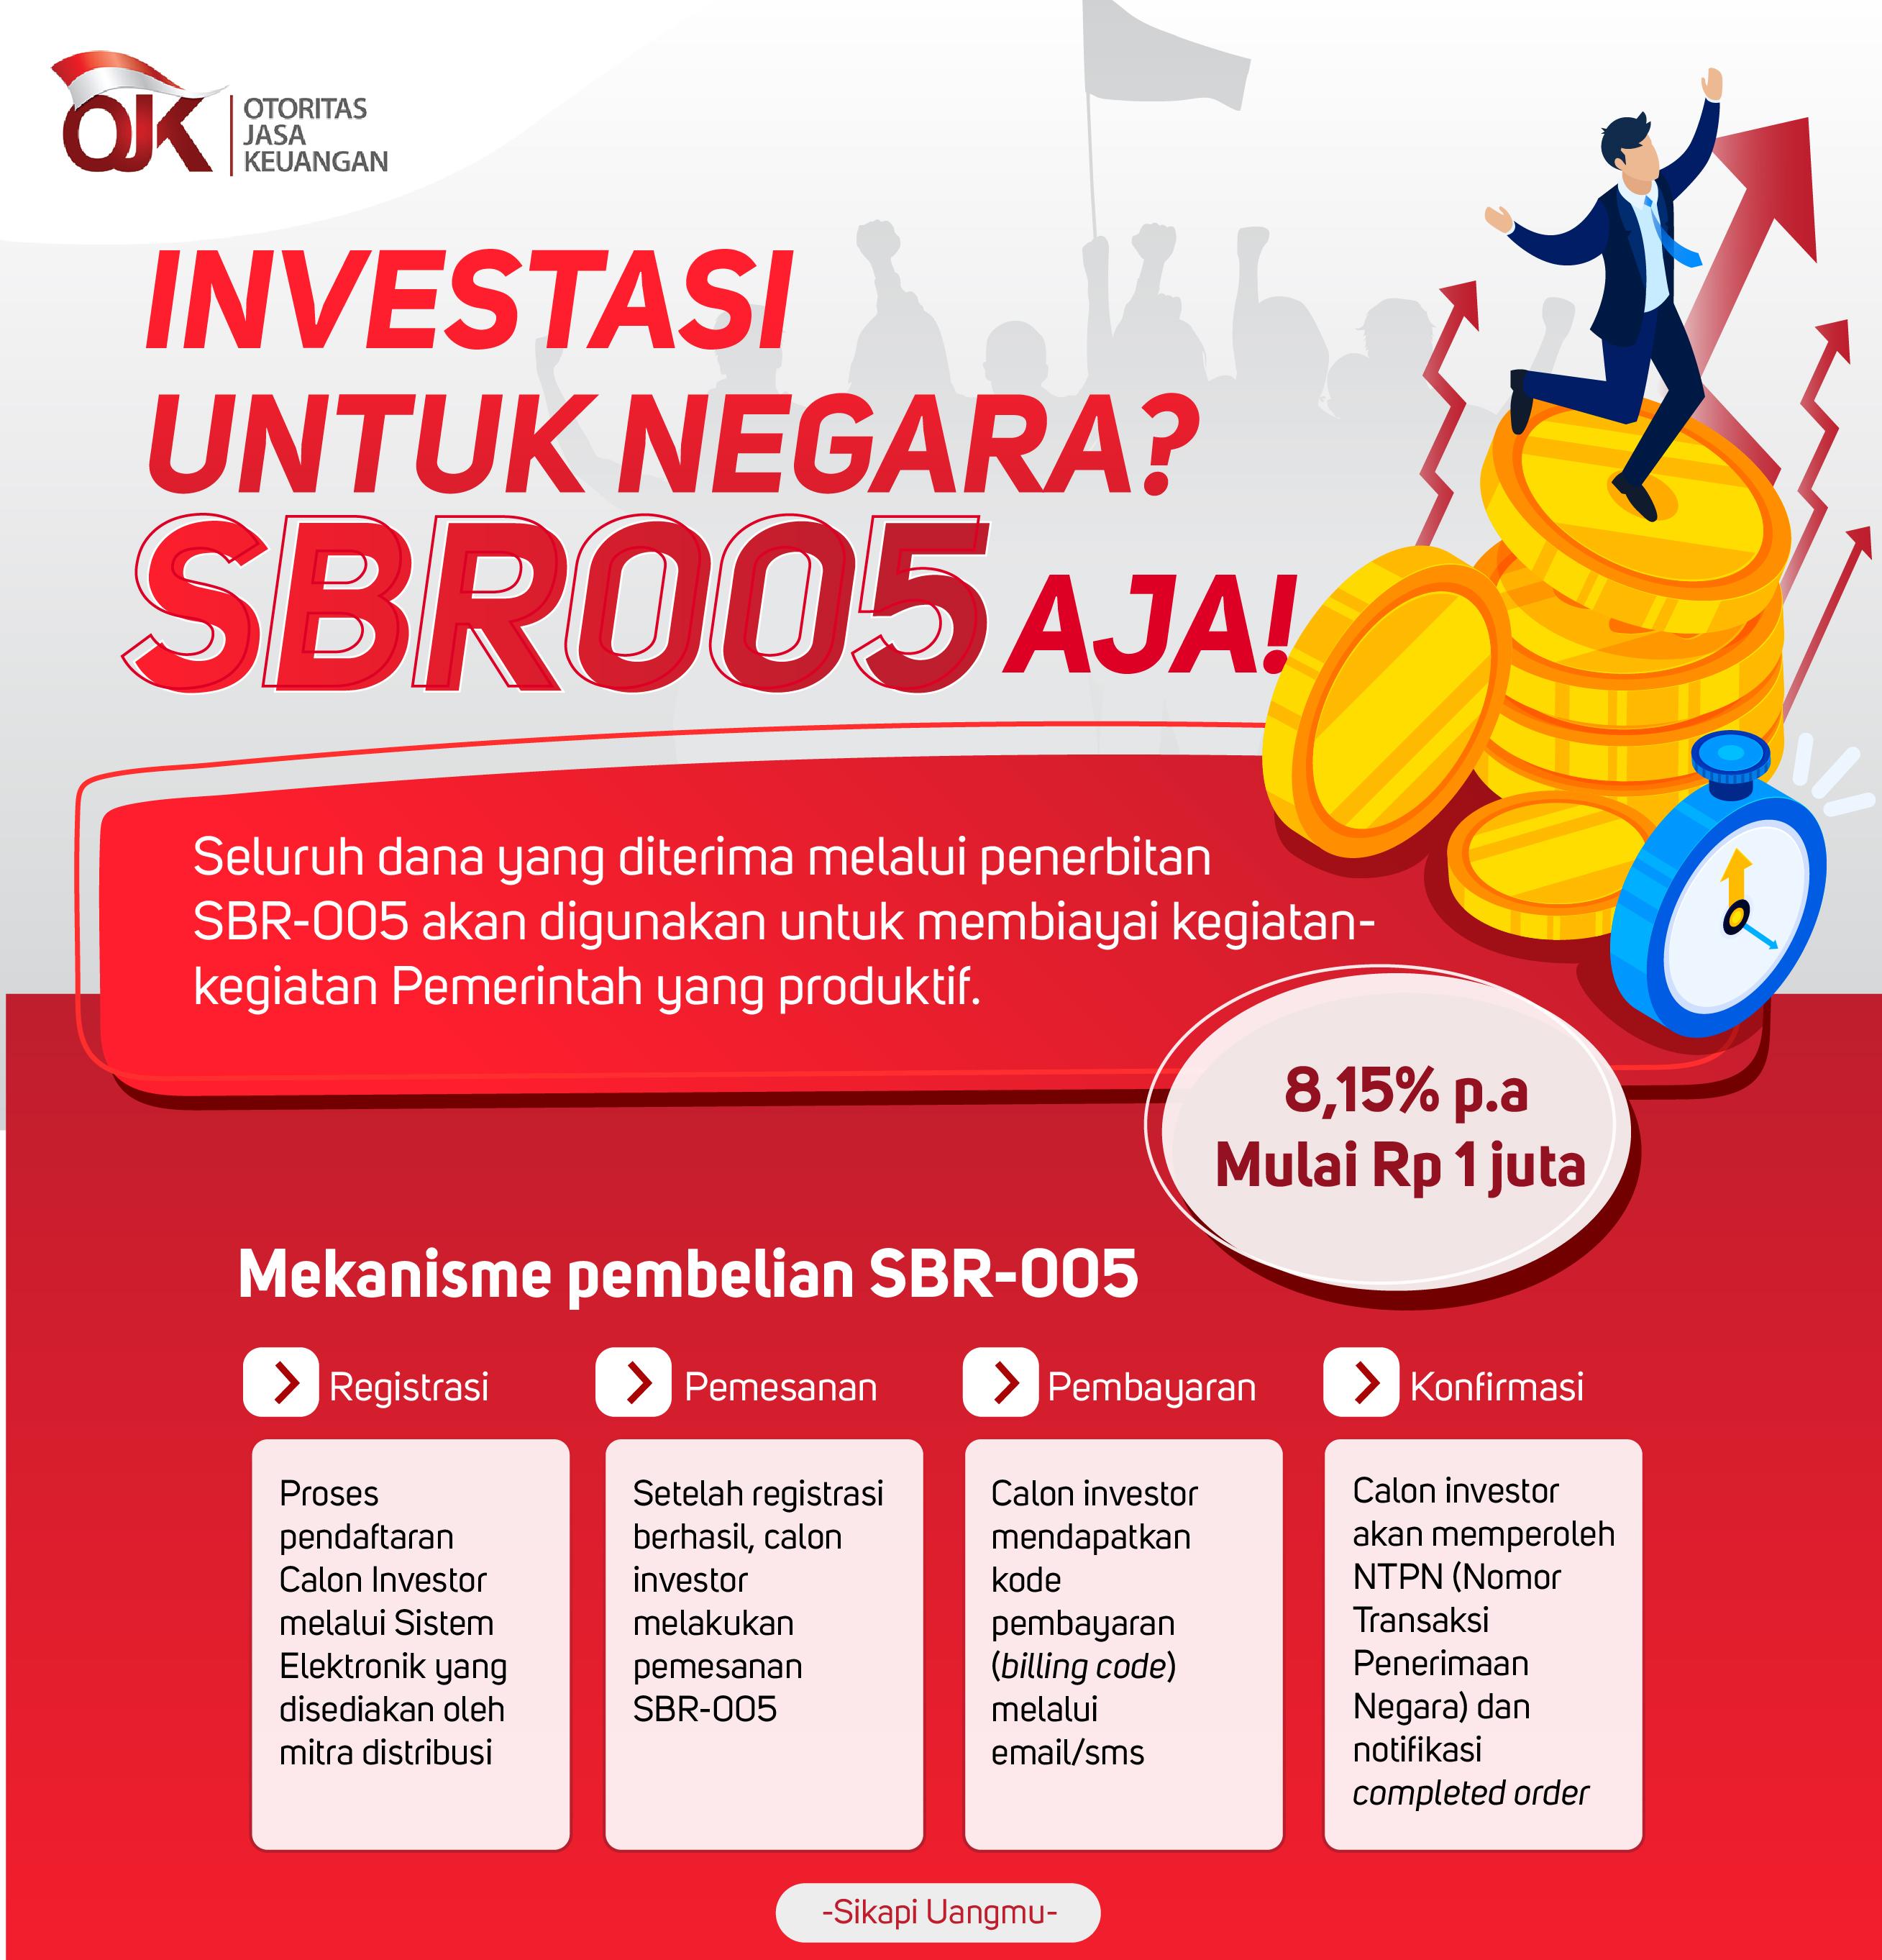 Investasi Untuk Negara Sbr 005 Aja Sikapi